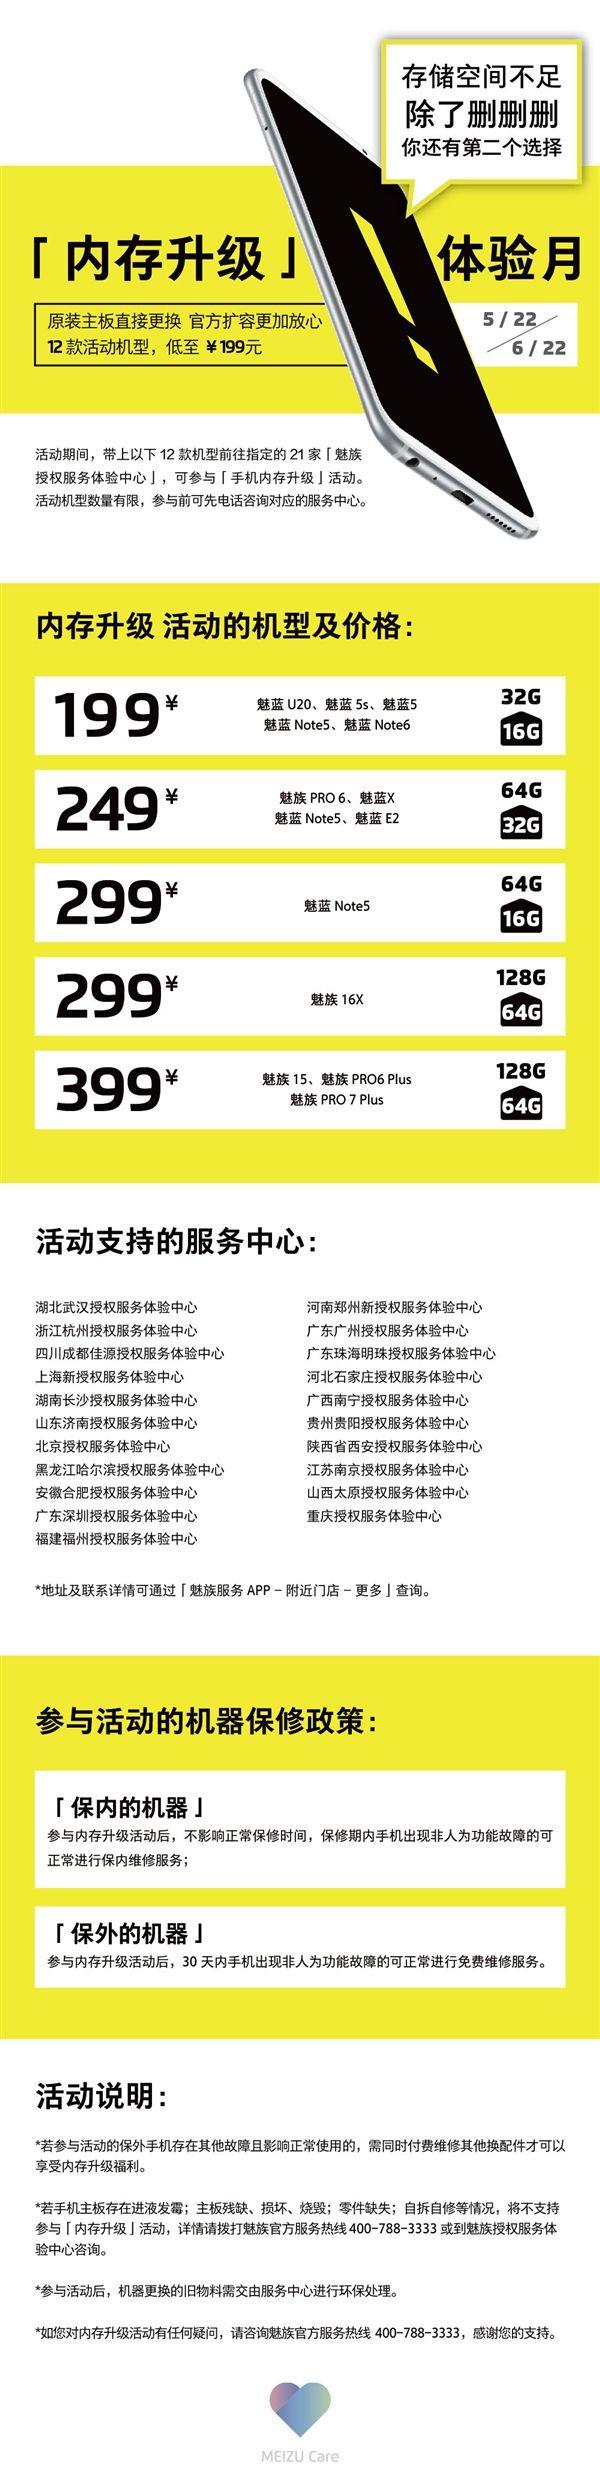 У обладателей 12 моделей Meizu появилась возможность увеличить флеш-накопитель – фото 2